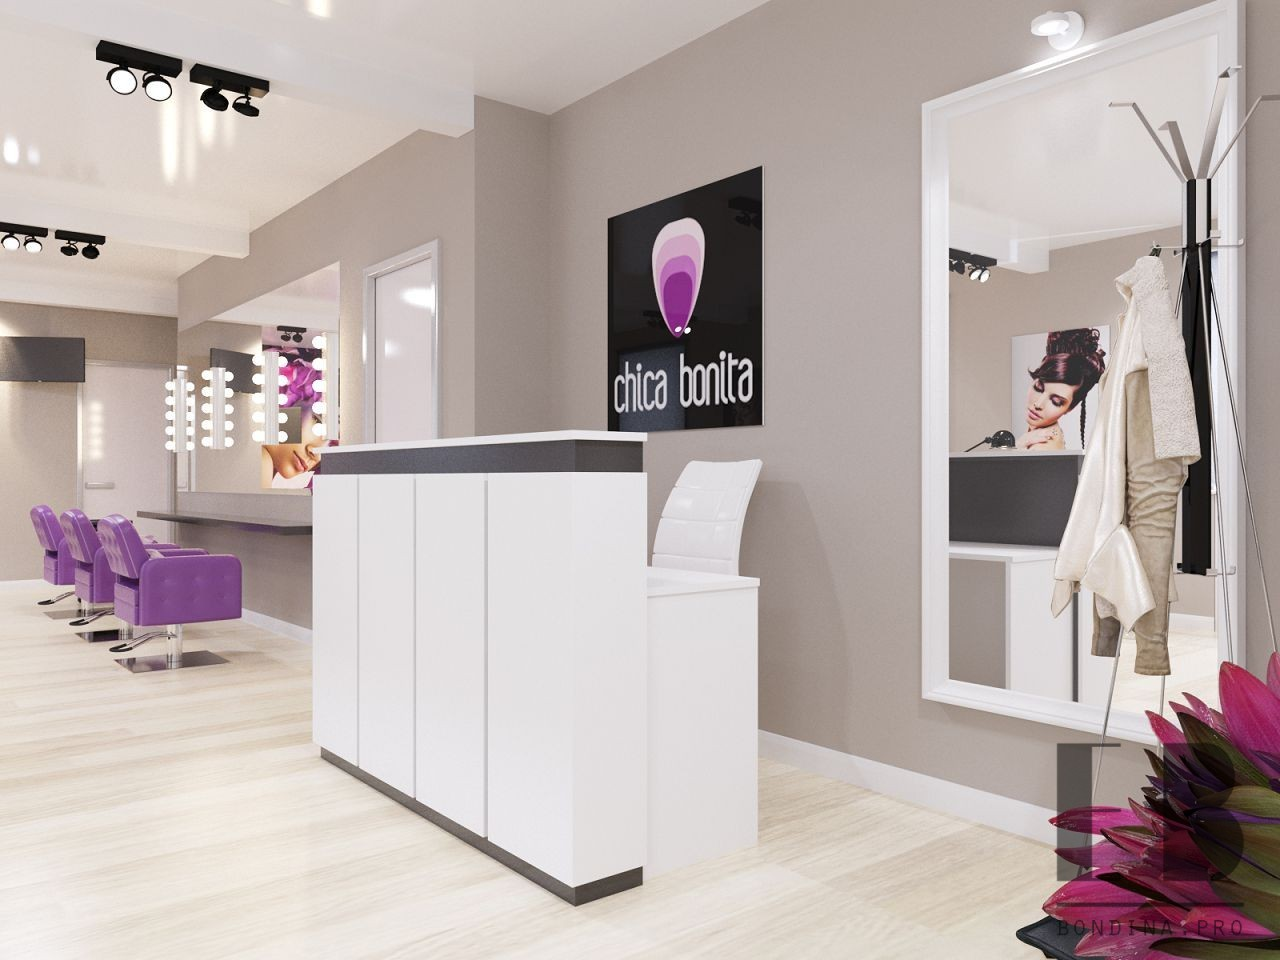 Reception in the nail salon design